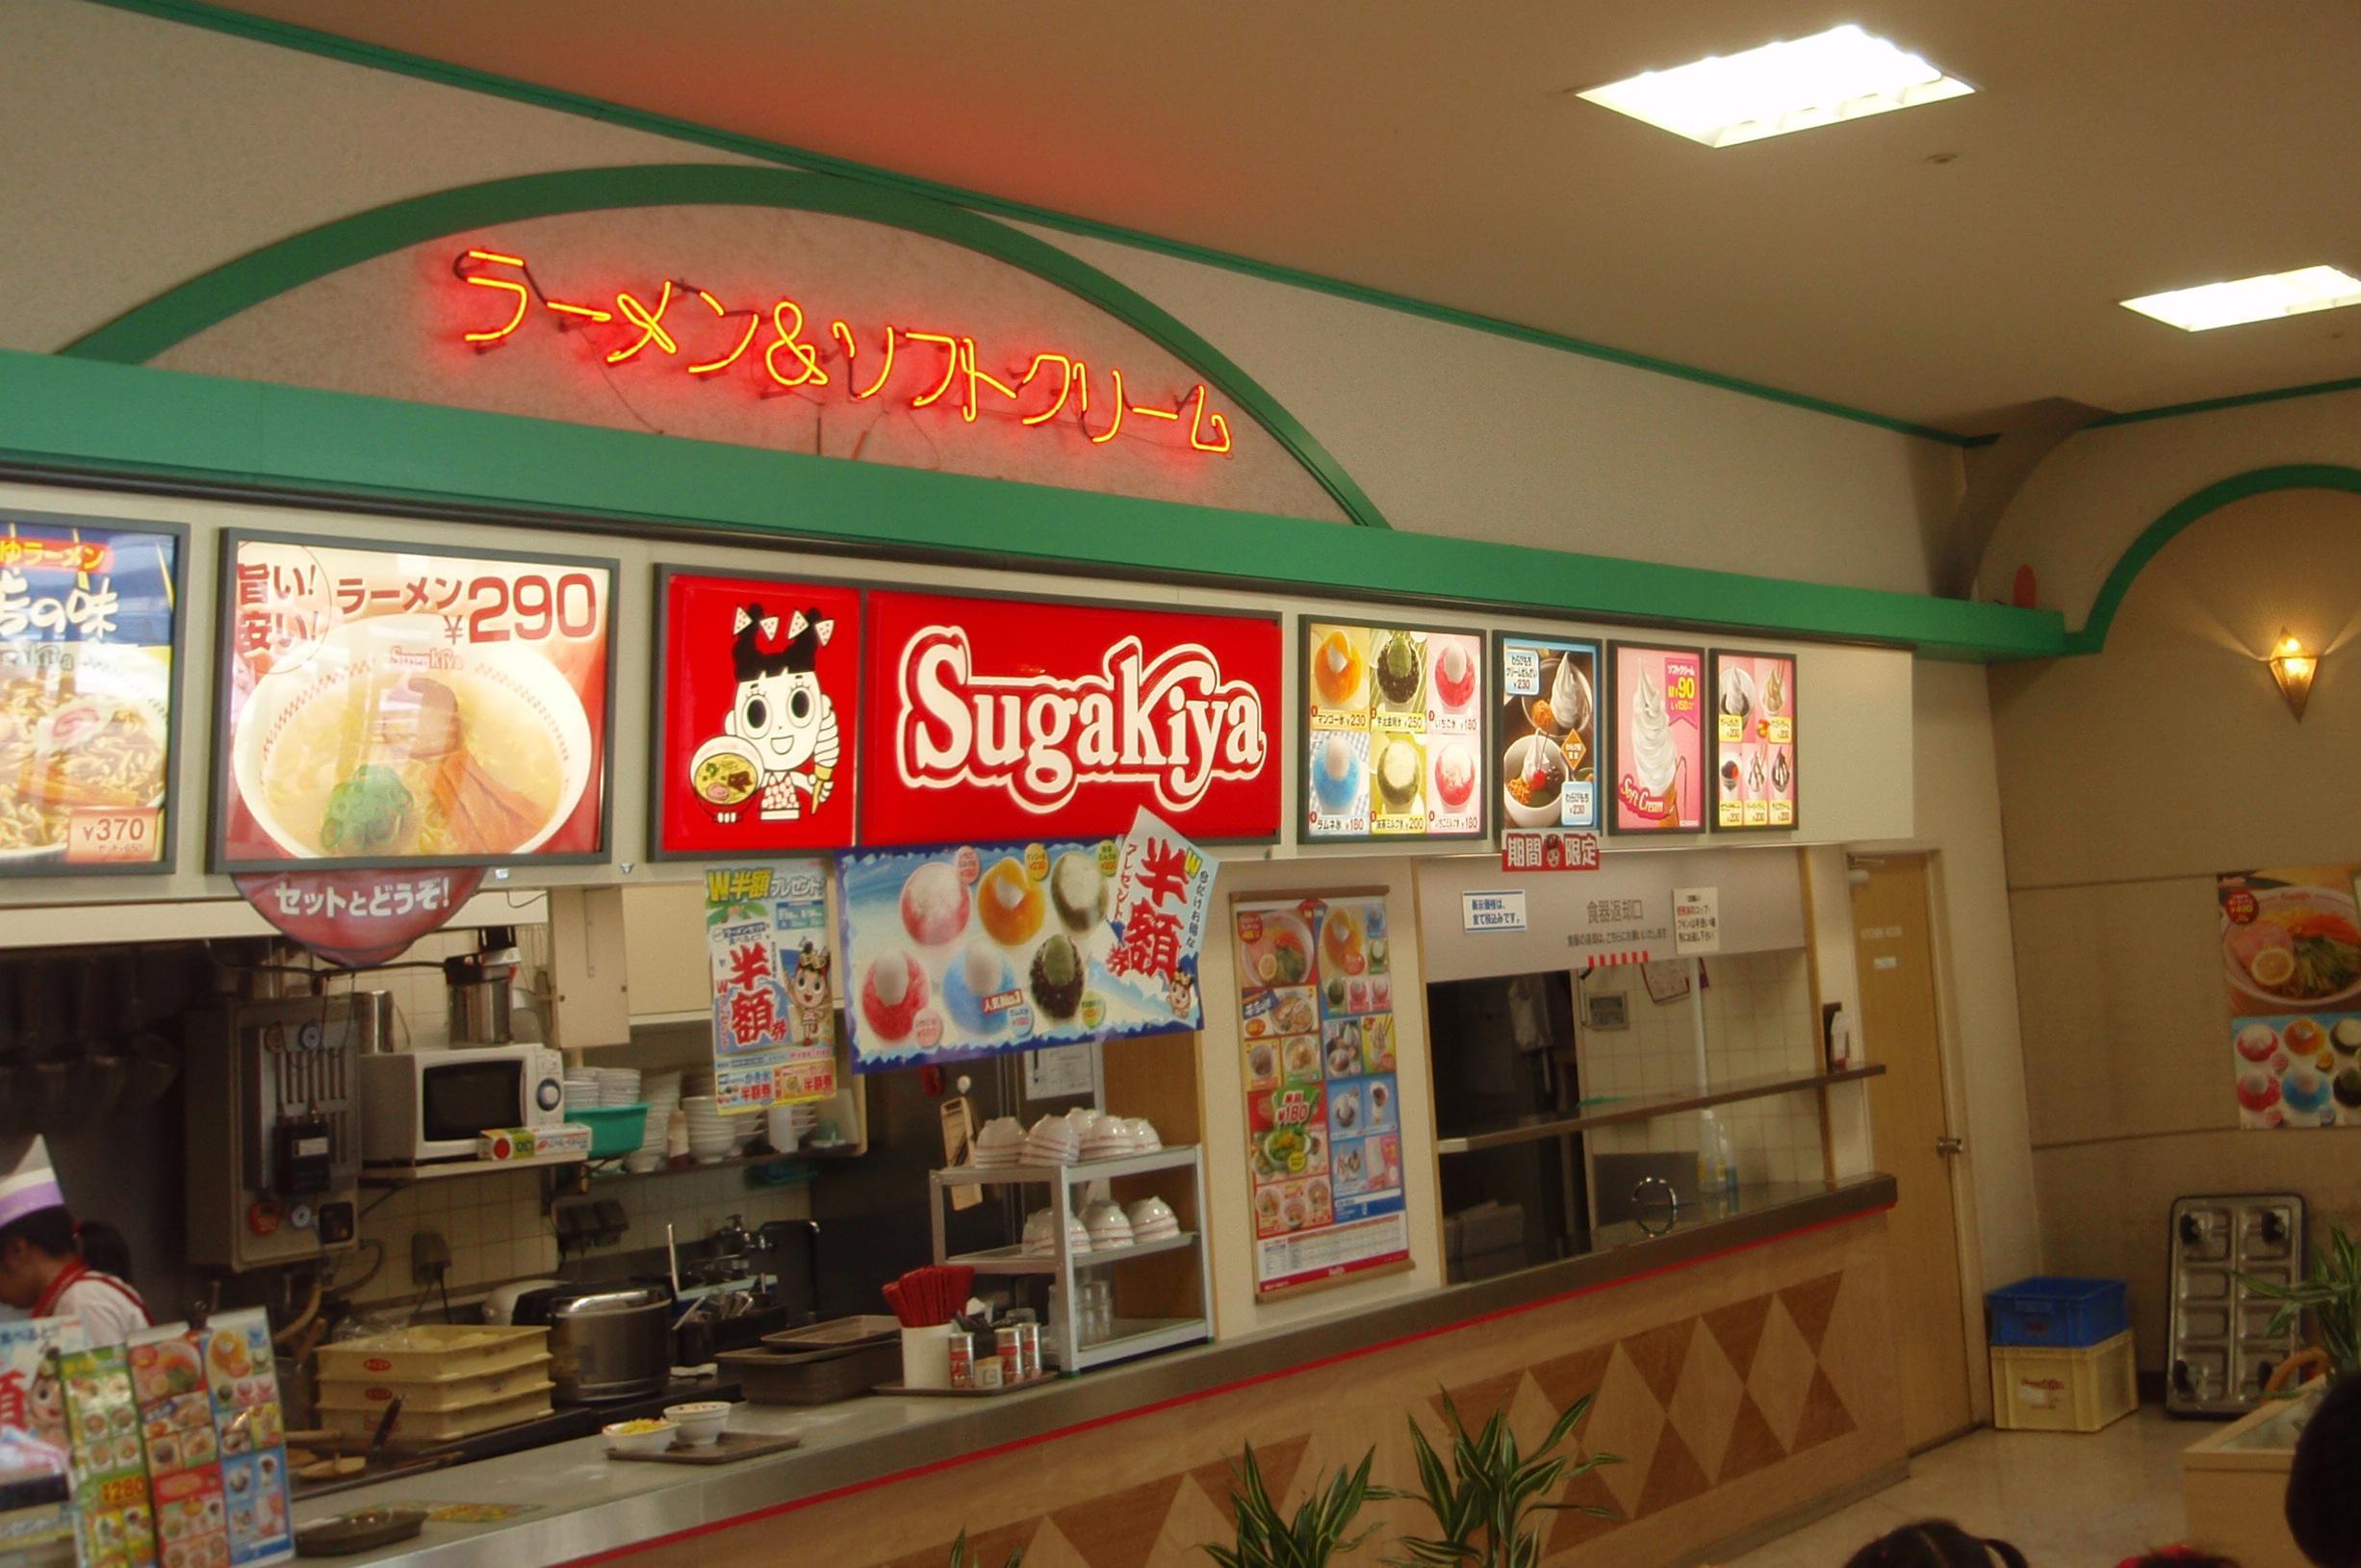 スガキヤ 松任イオン店